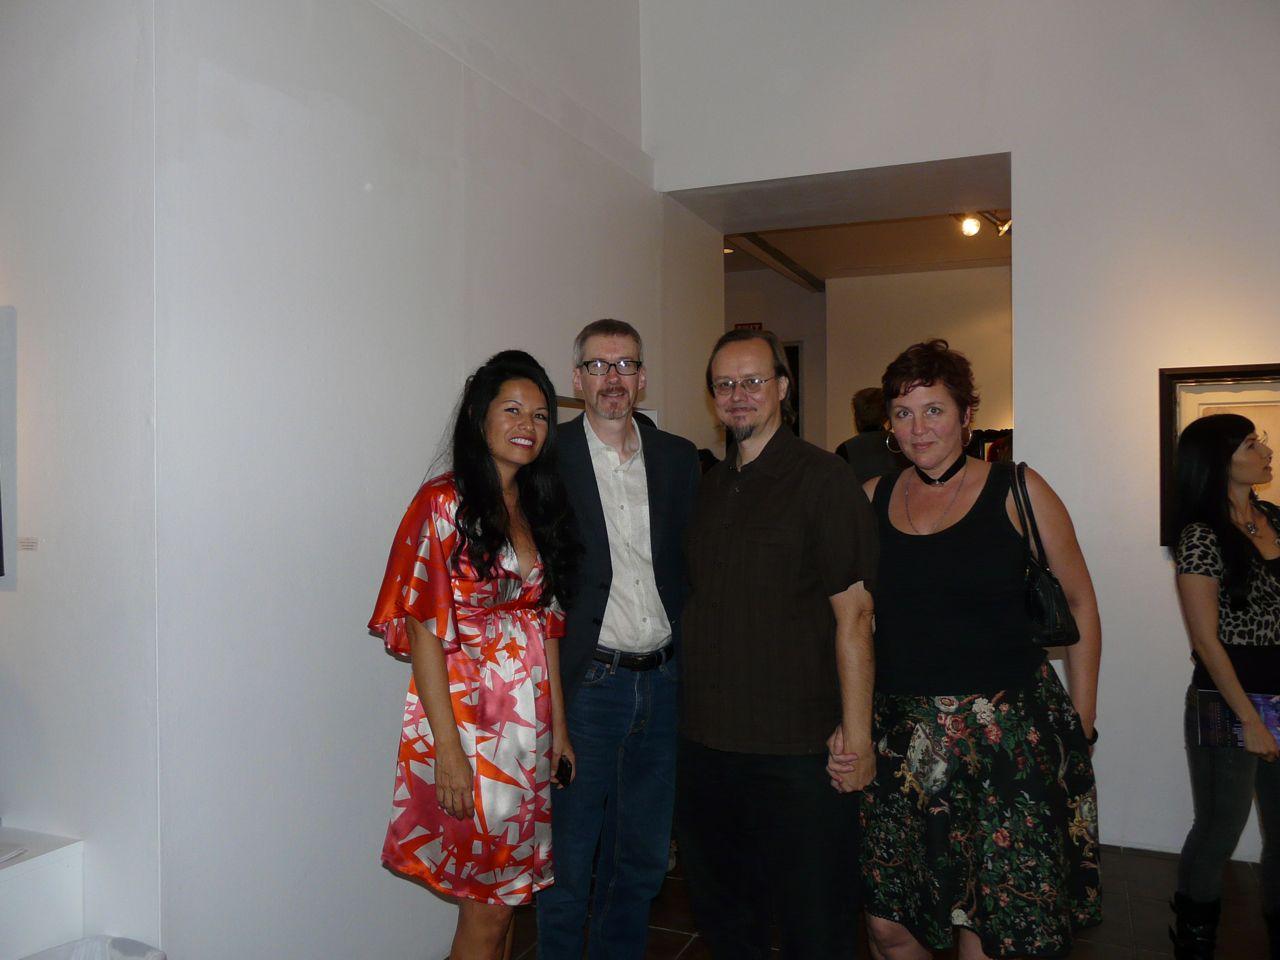 Merry Karnowsky, Todd Schorr, Mark Ryden, Marion Peck